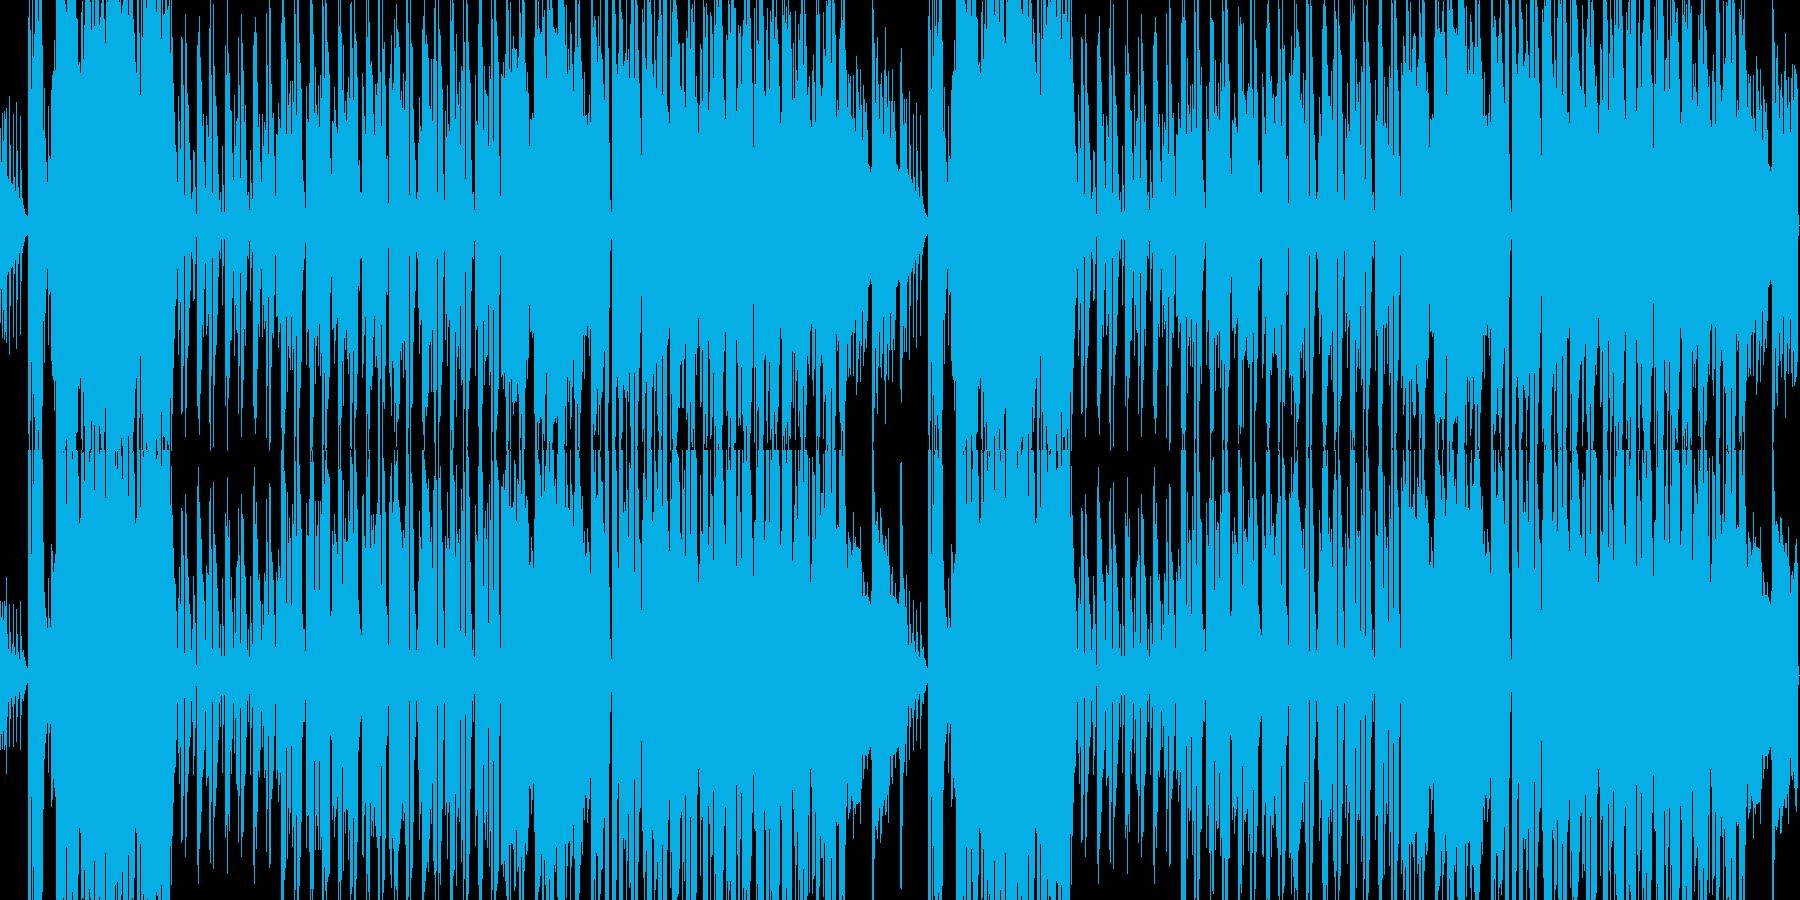 桜春琴和風ループ企業PVオーケストラの再生済みの波形